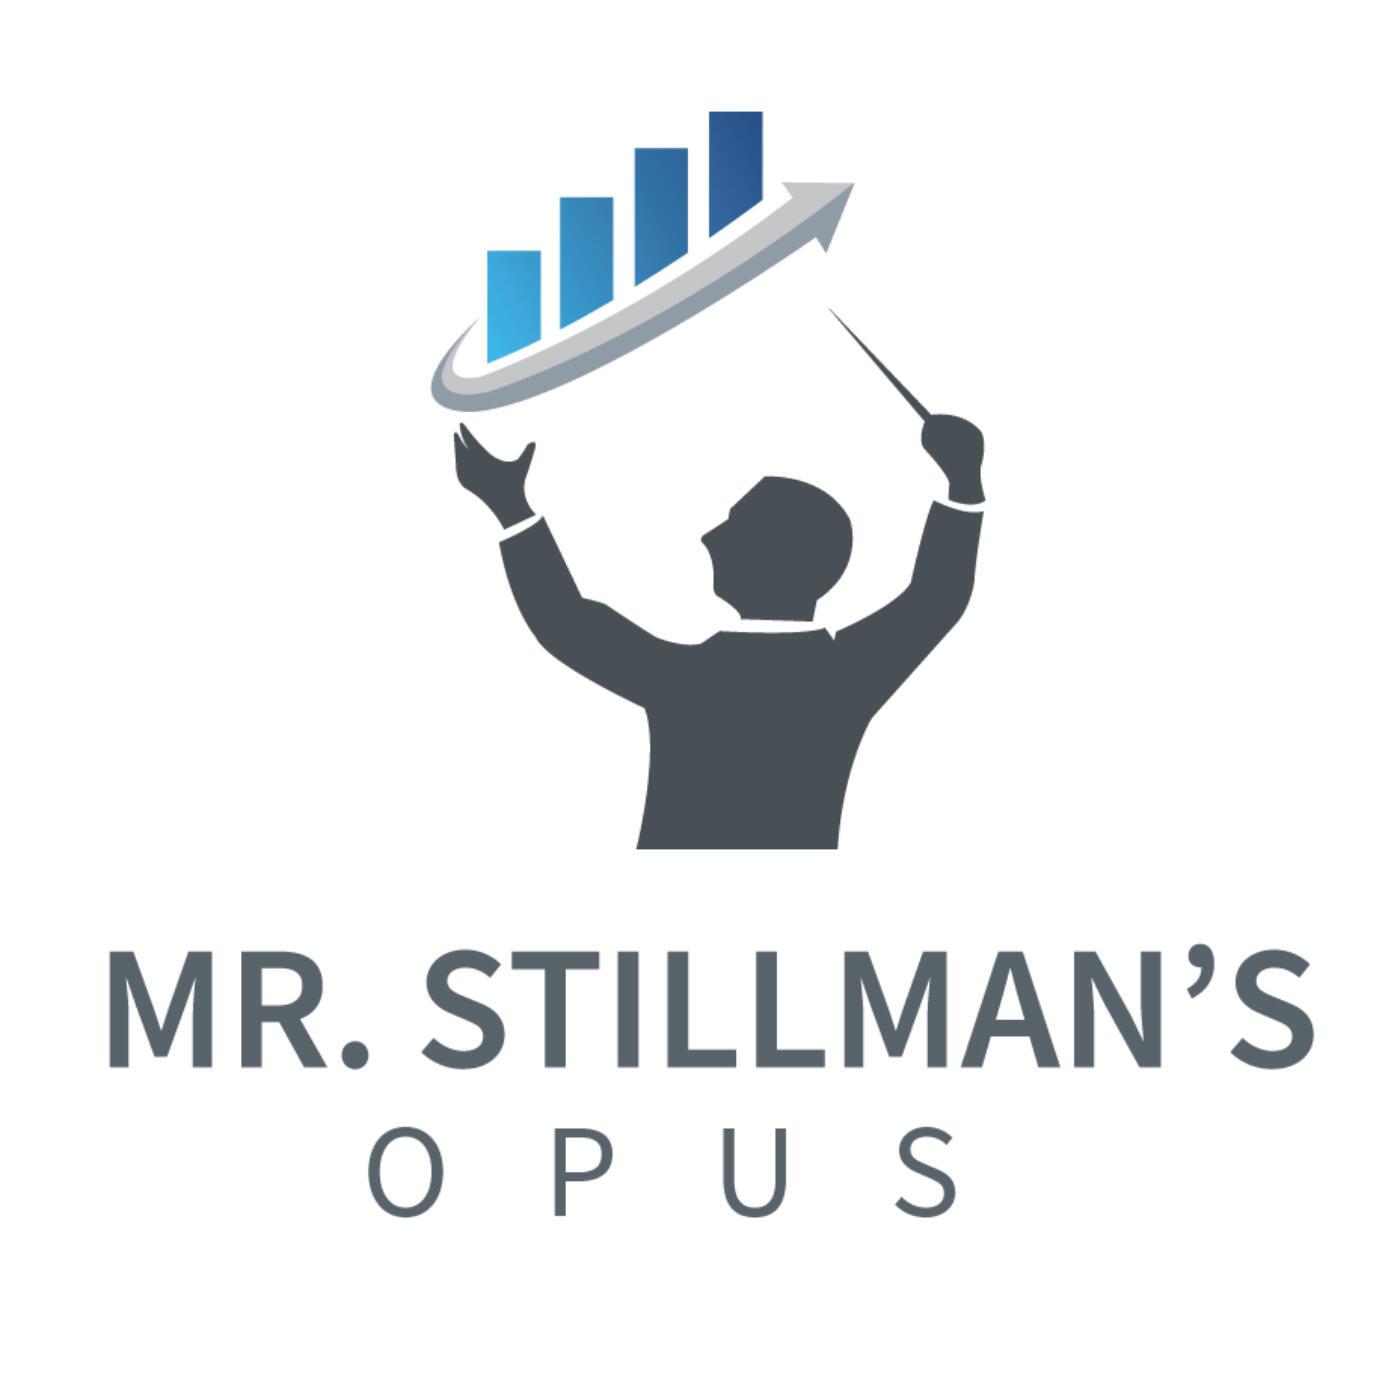 Mr. Stillman's Opus